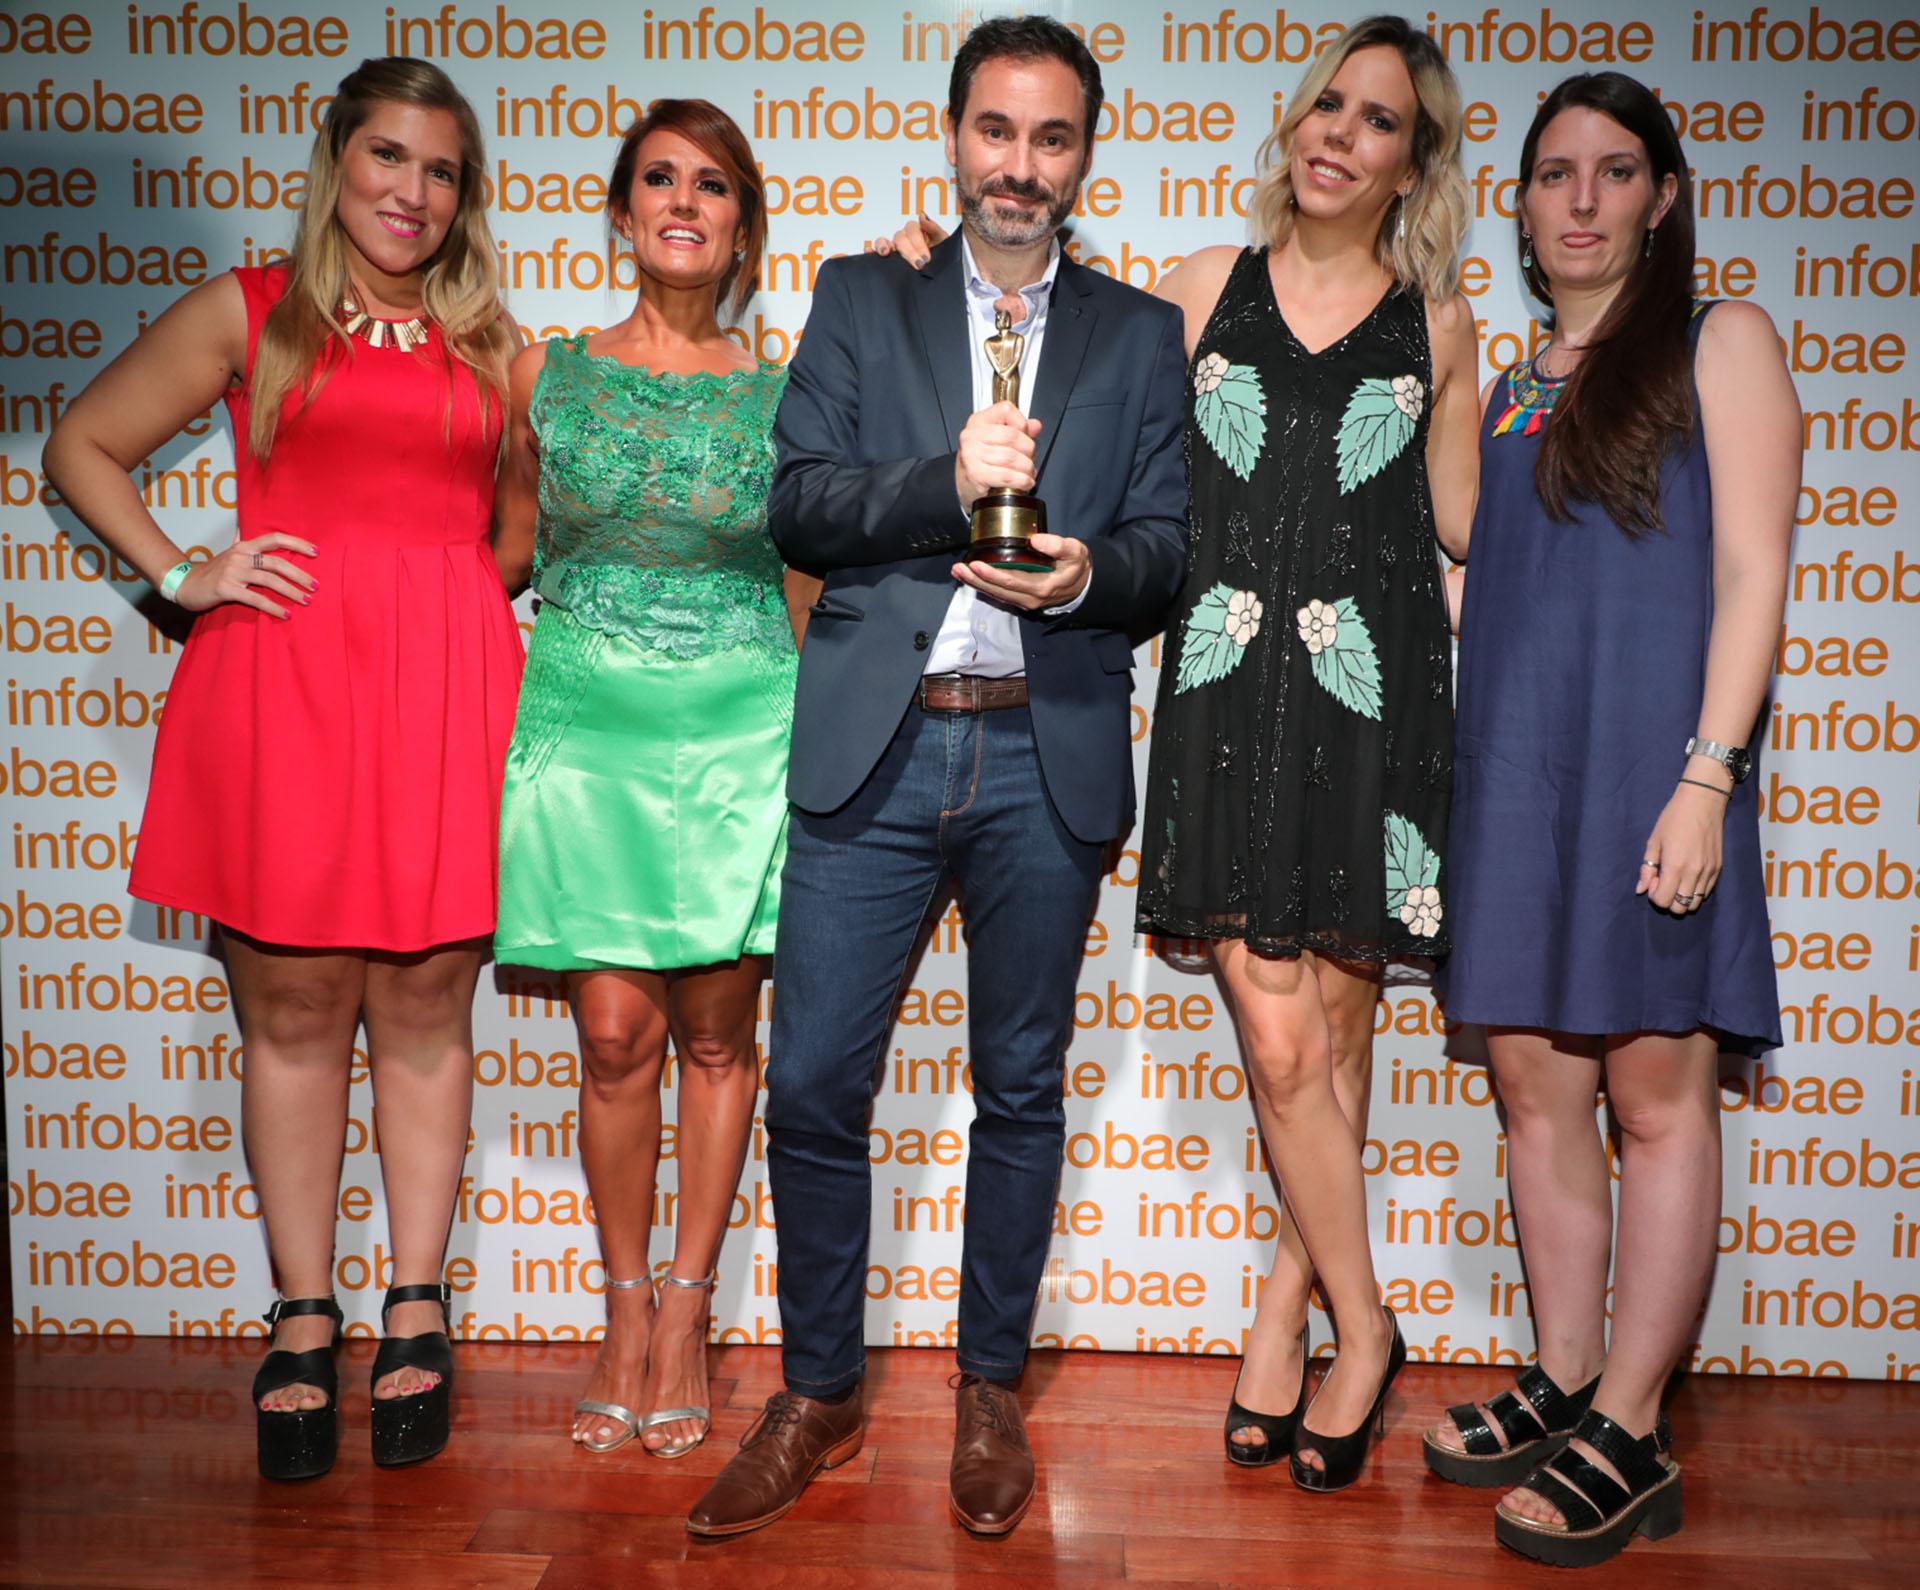 Teleshow obtuvo el premio Martín Fierro Digital 2018 en el rubro mejor portal de espectáculos (Christian Bochichio)